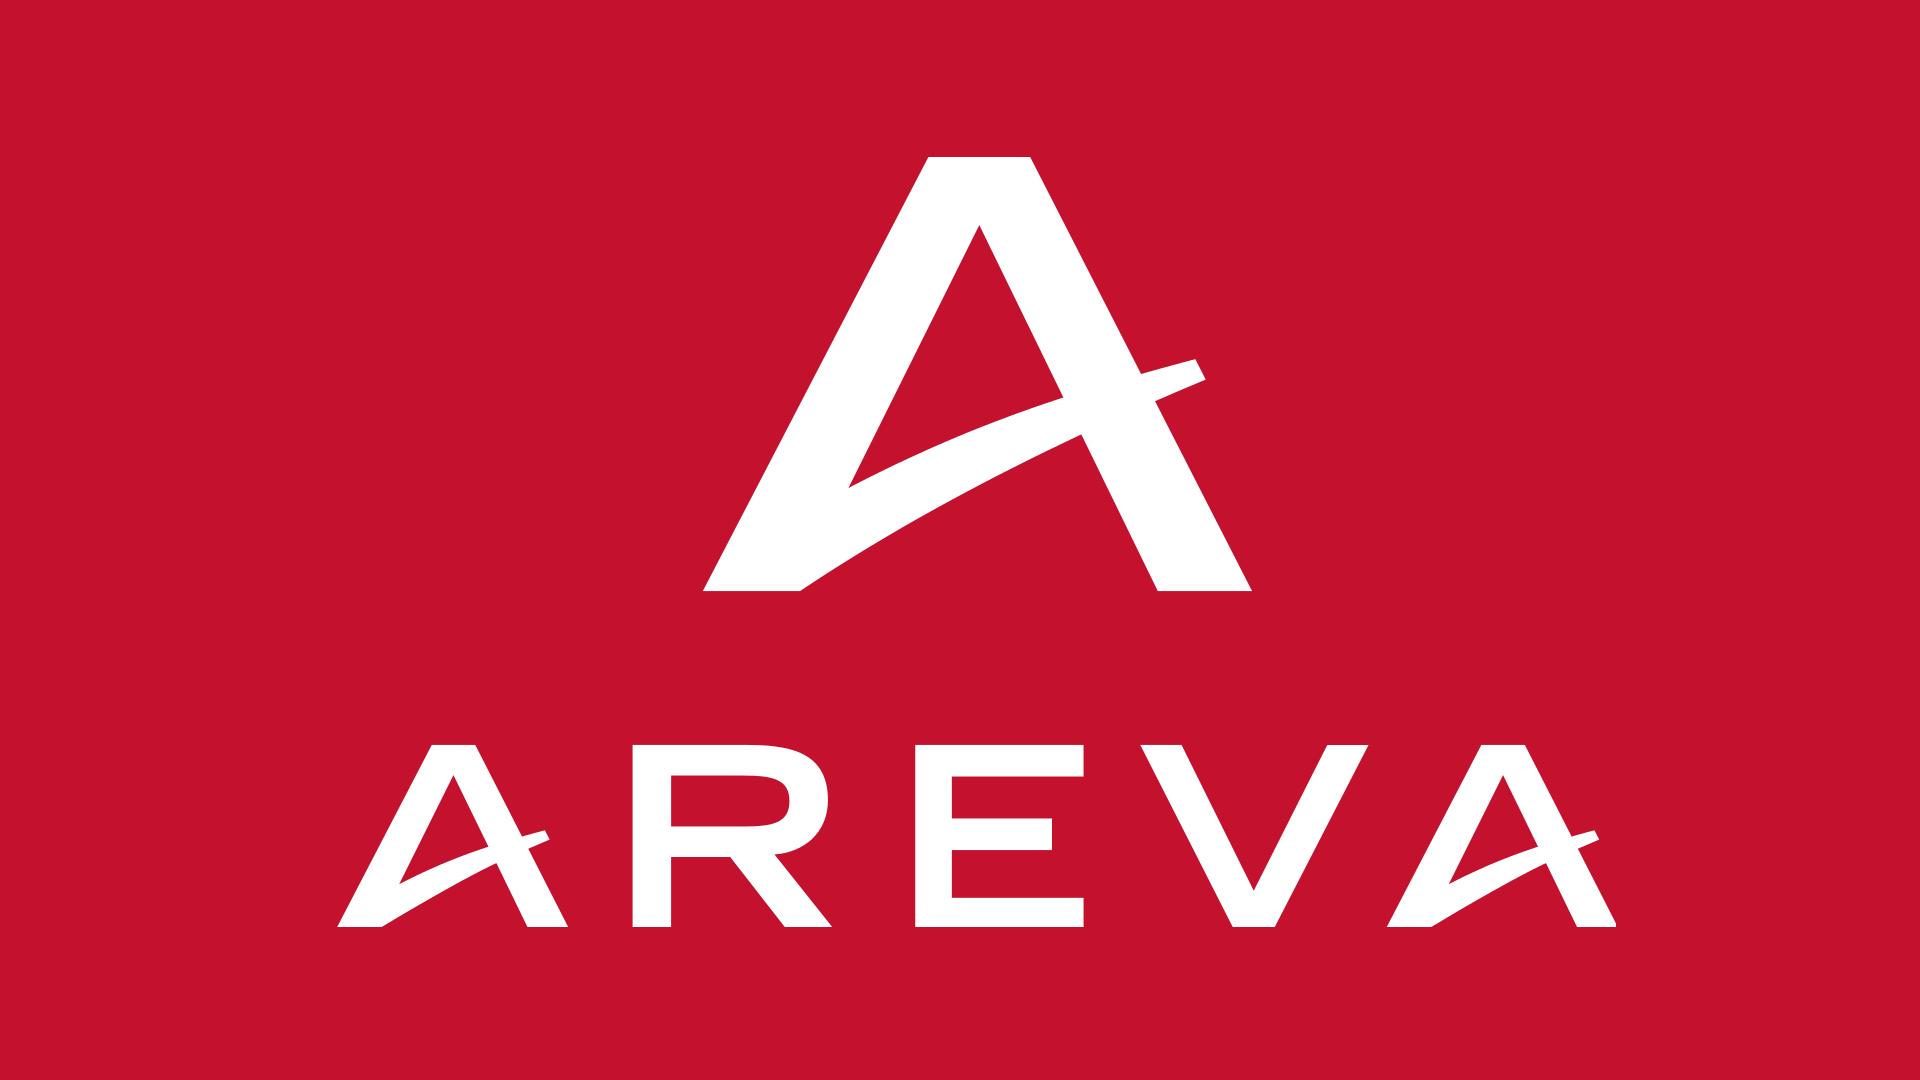 1920px-Areva-White-Logotype - Areva Vector PNG